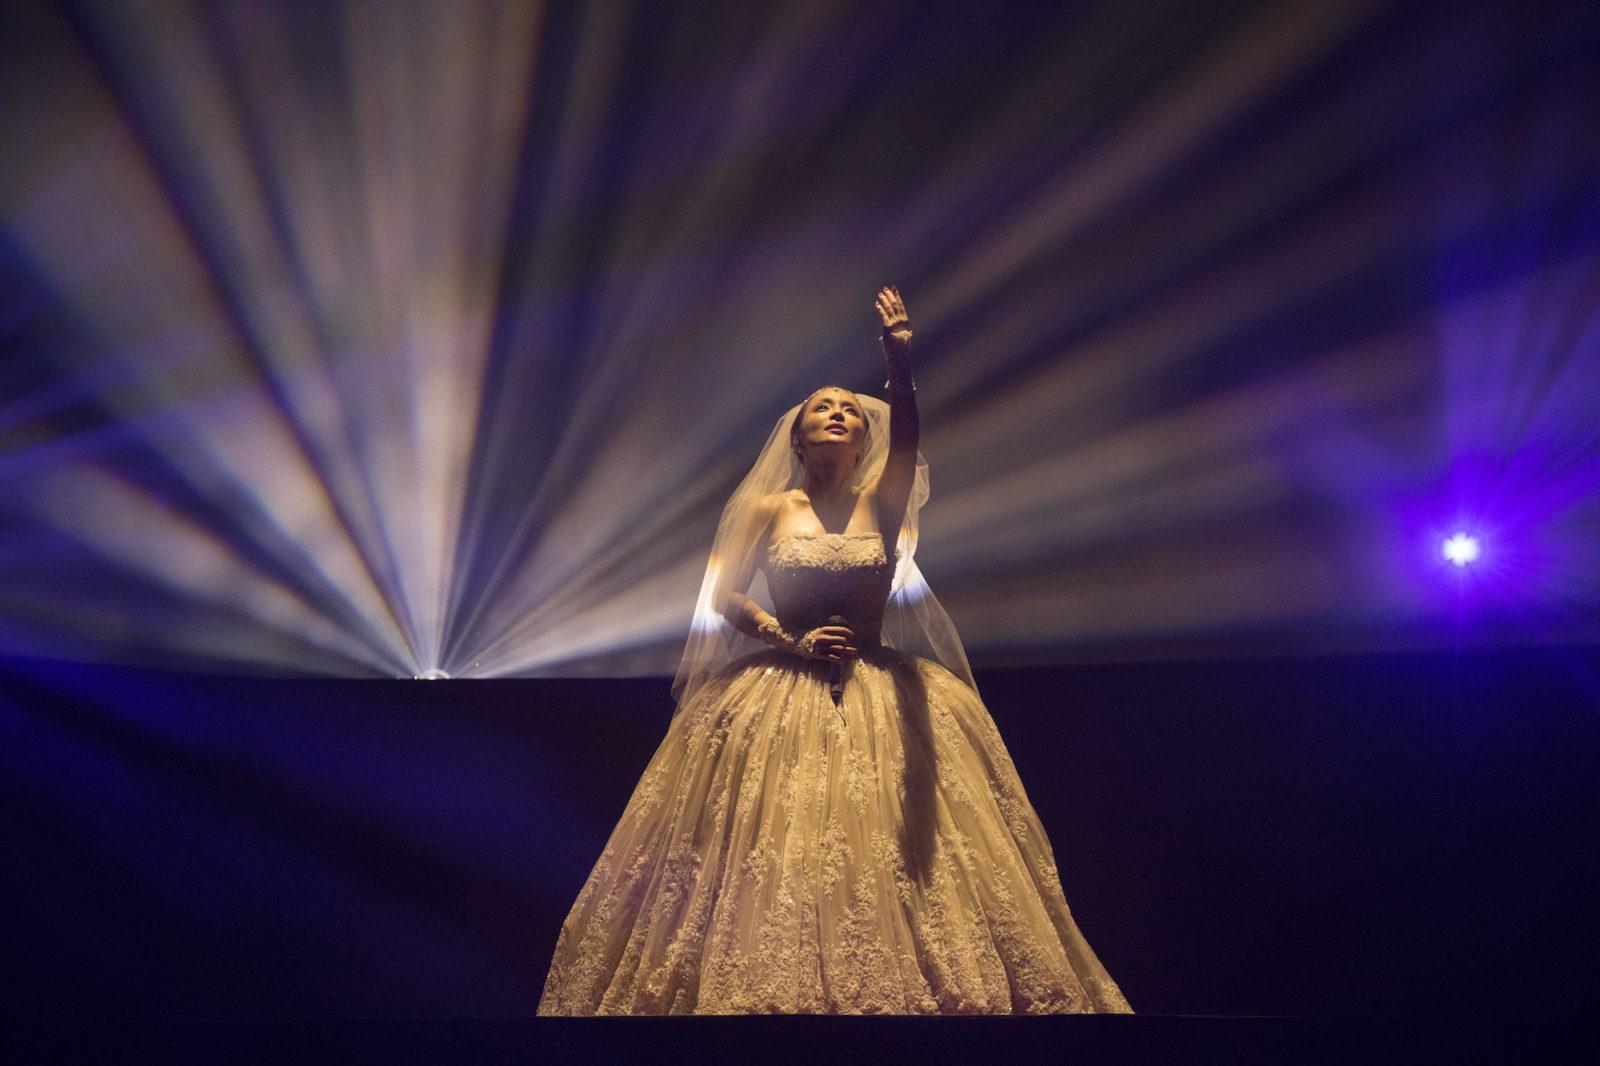 浜崎あゆみ、ベールをまとったドレス姿も披露!全60公演ロングツアーの第一章を締めくくるサムネイル画像